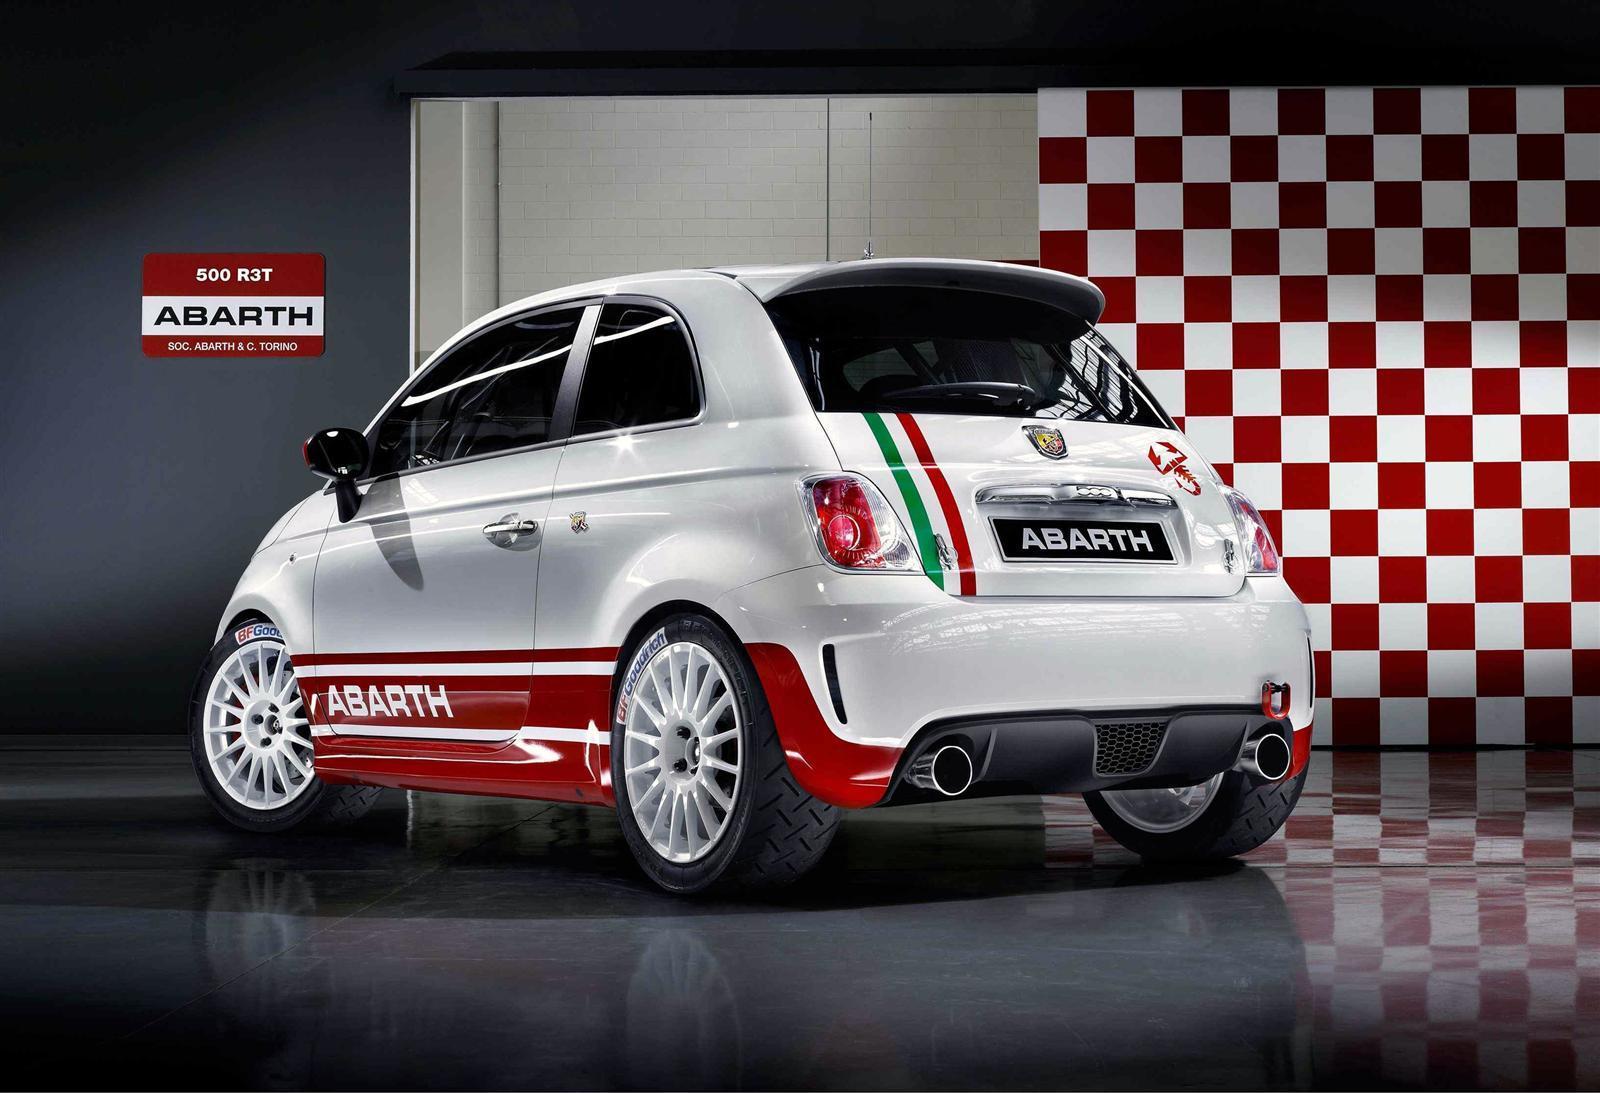 llevarse al volante del inquieto Fiat Abarth 500 R3T Rally Car